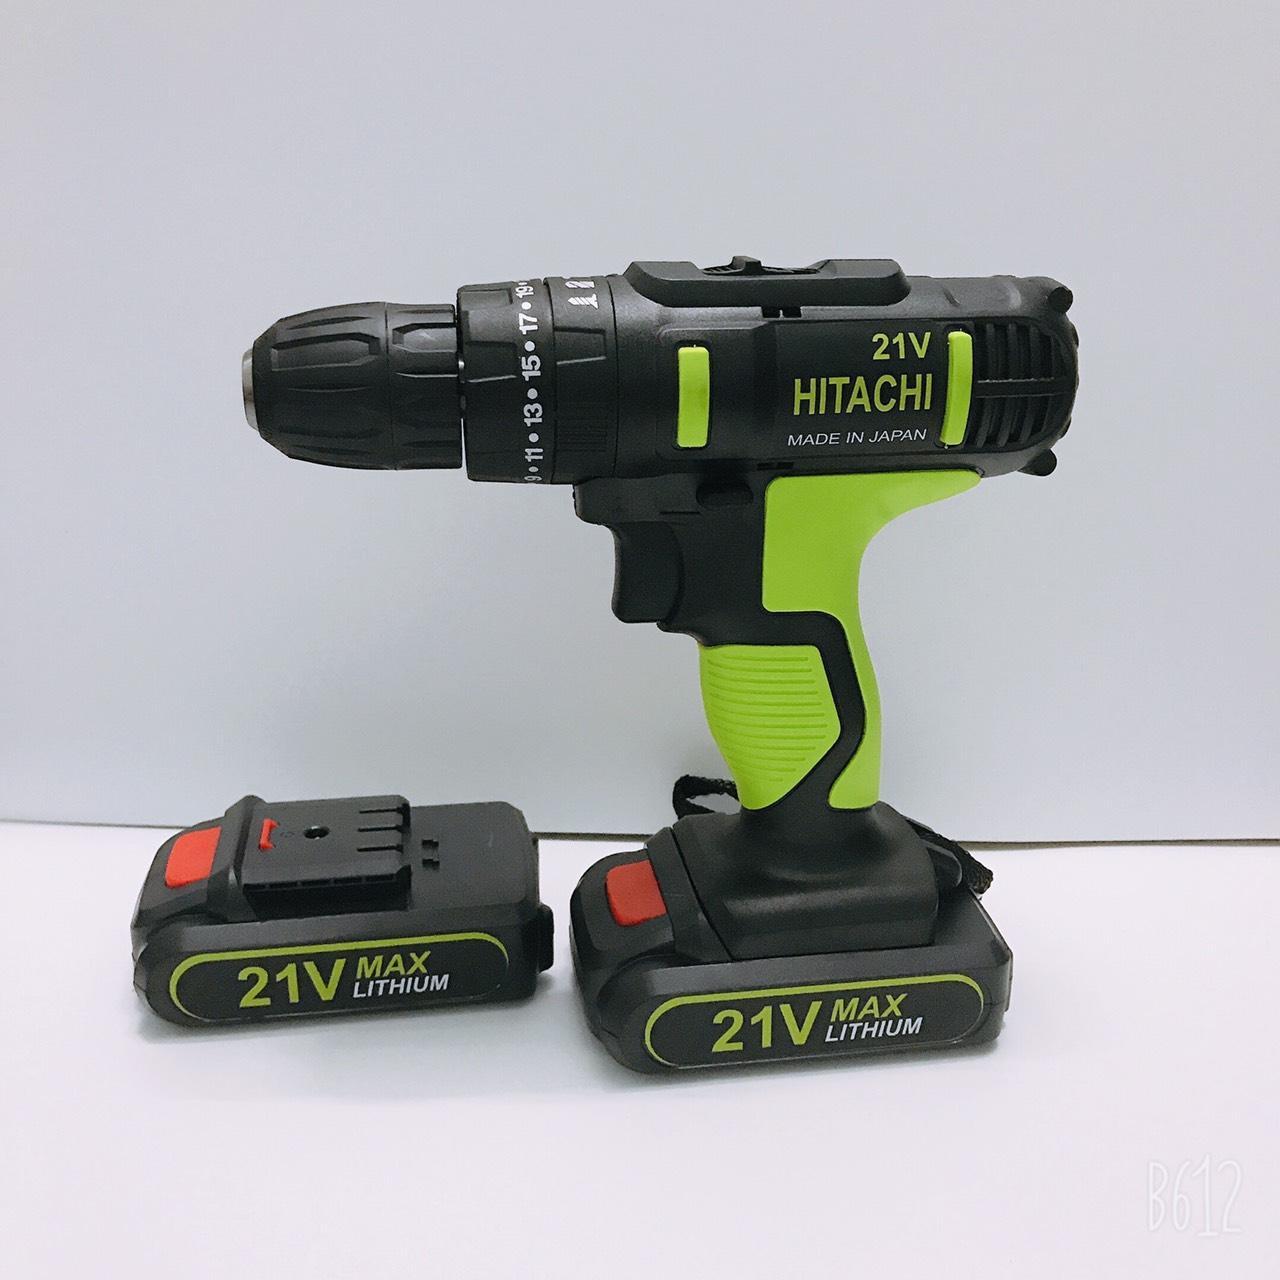 Máy khoan pin 21V Hitachi 3 chức năng có búa